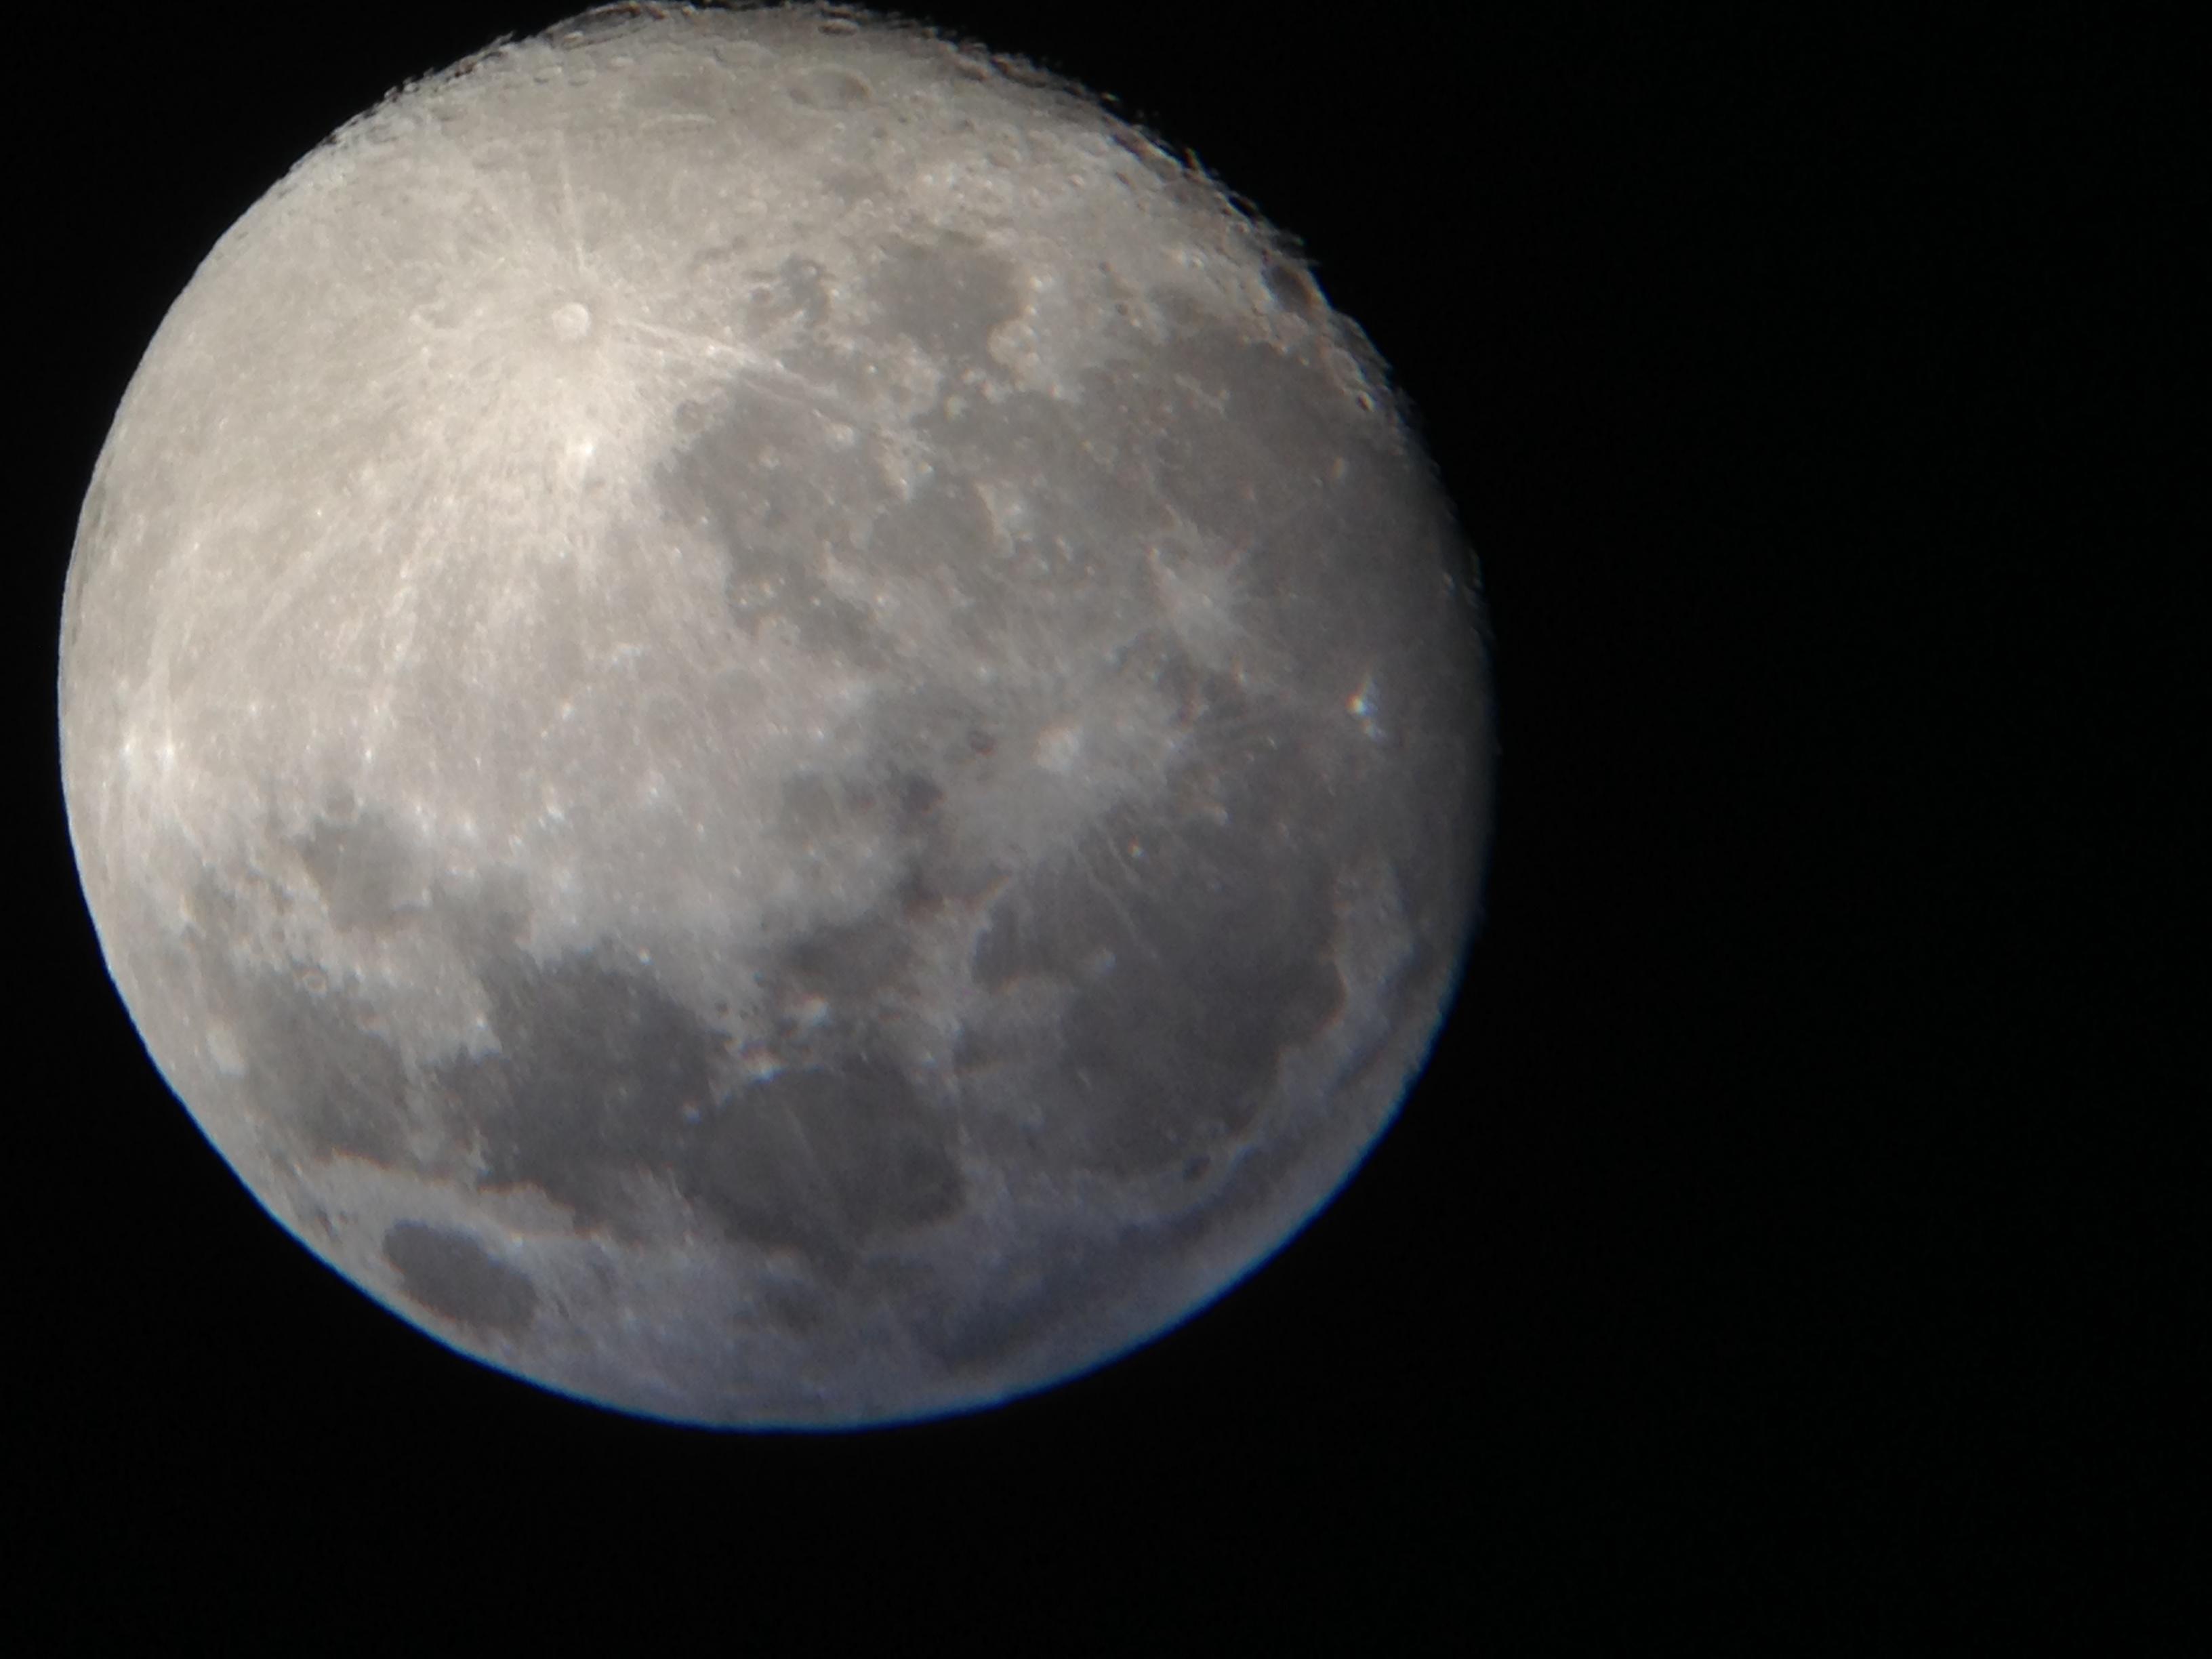 Lune photographiée avec iphone 5C